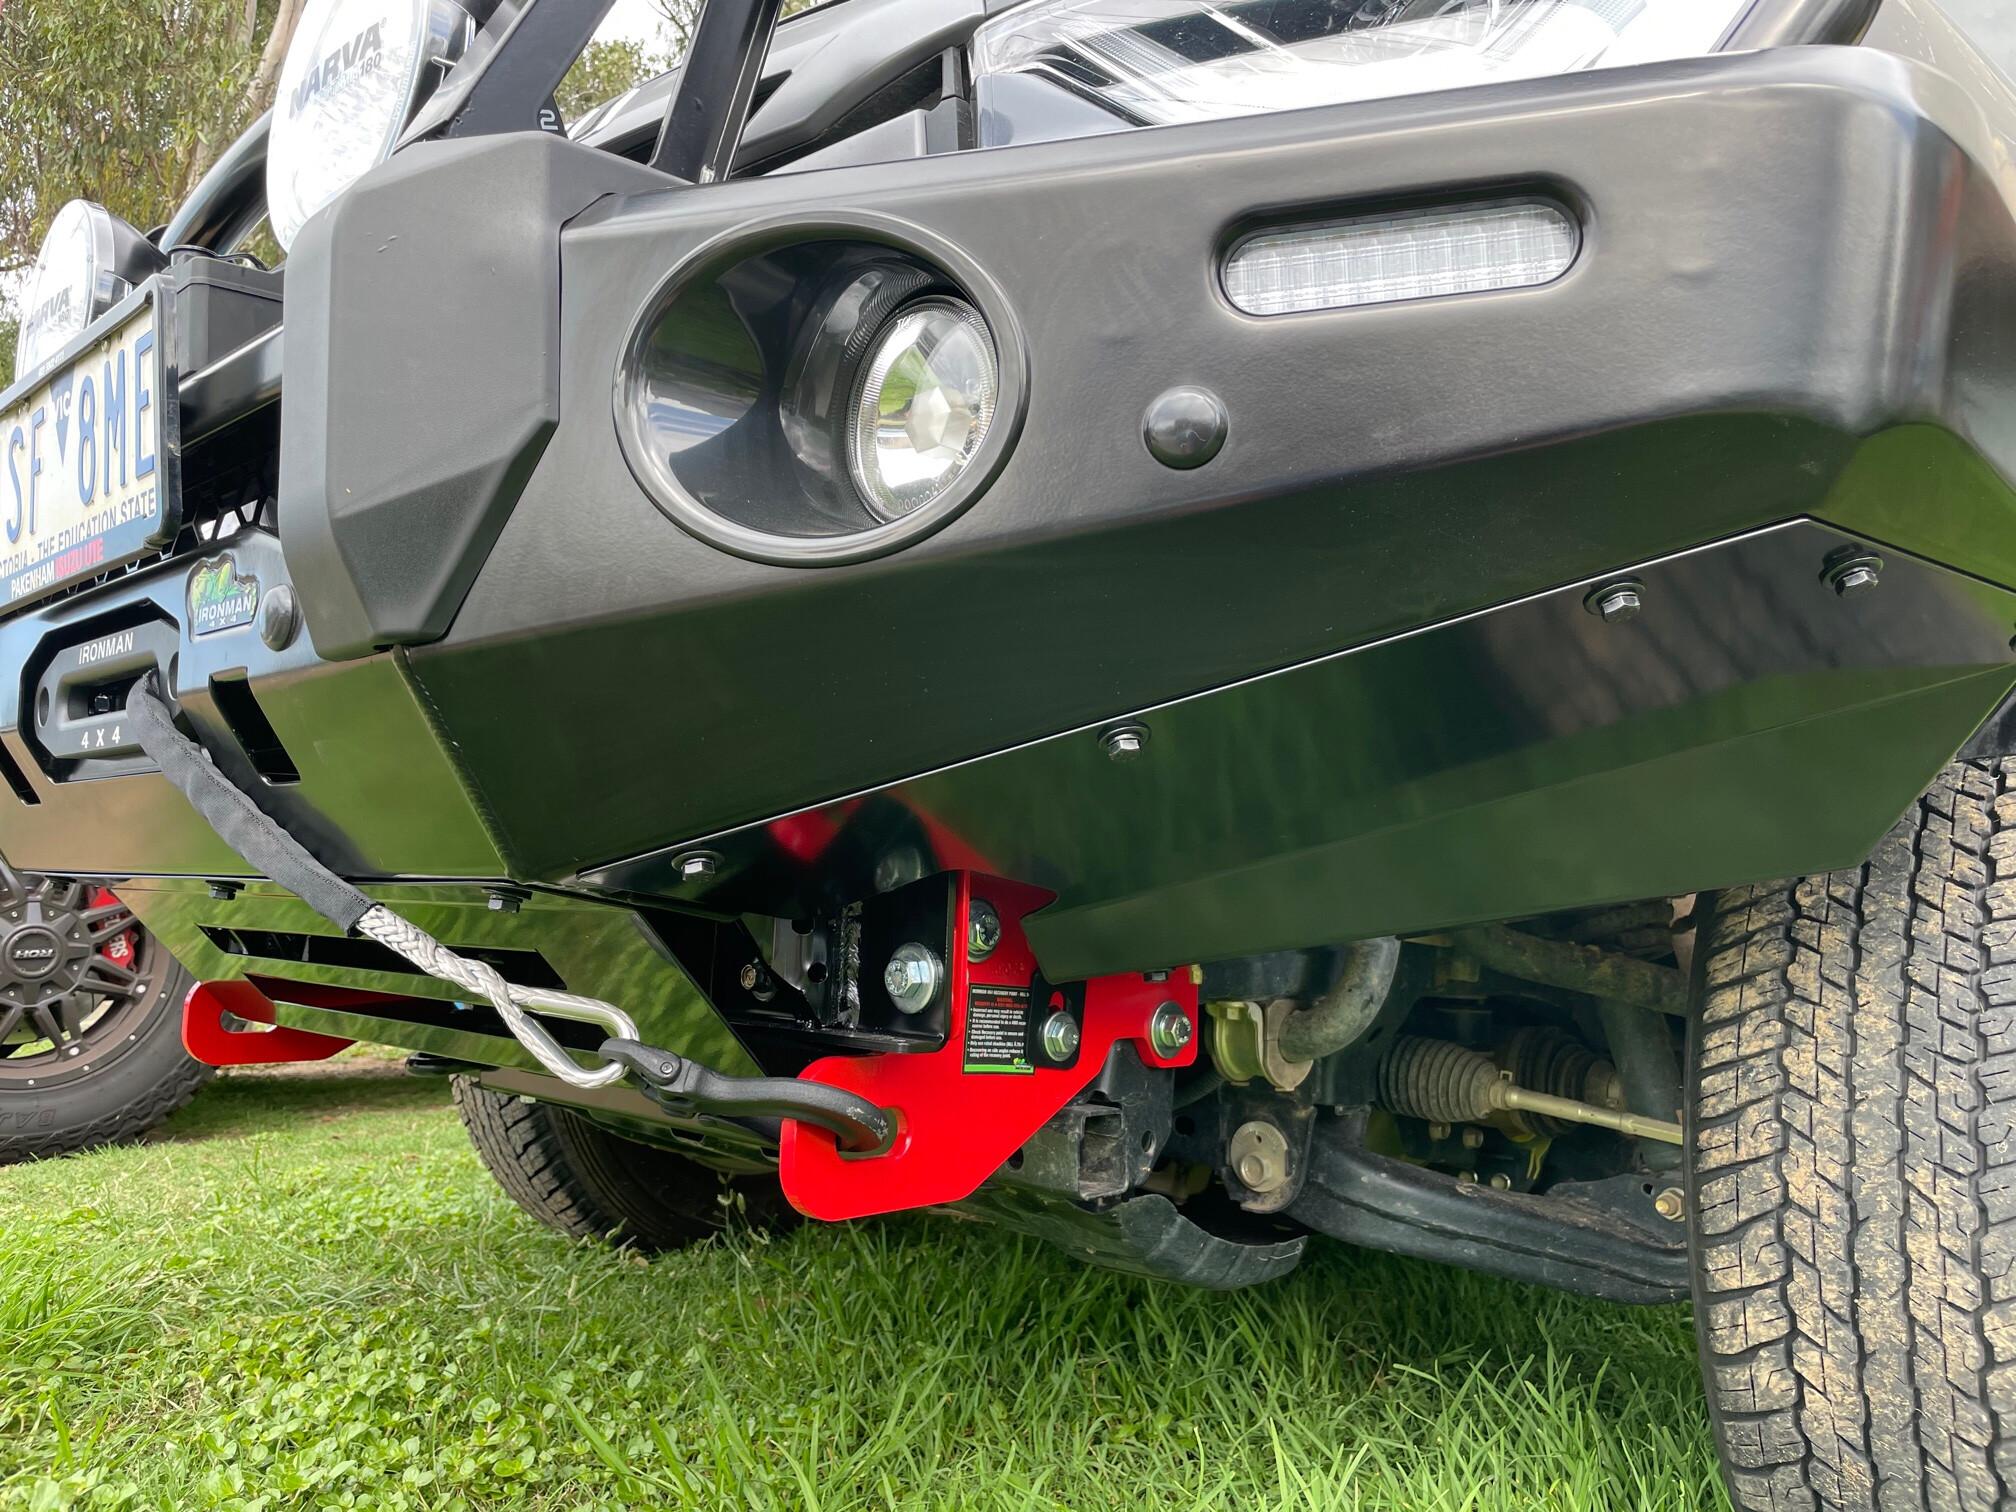 4 X 4 Australia Gear 2021 Isuzu D MAX Ironman 4 X 4 Winch